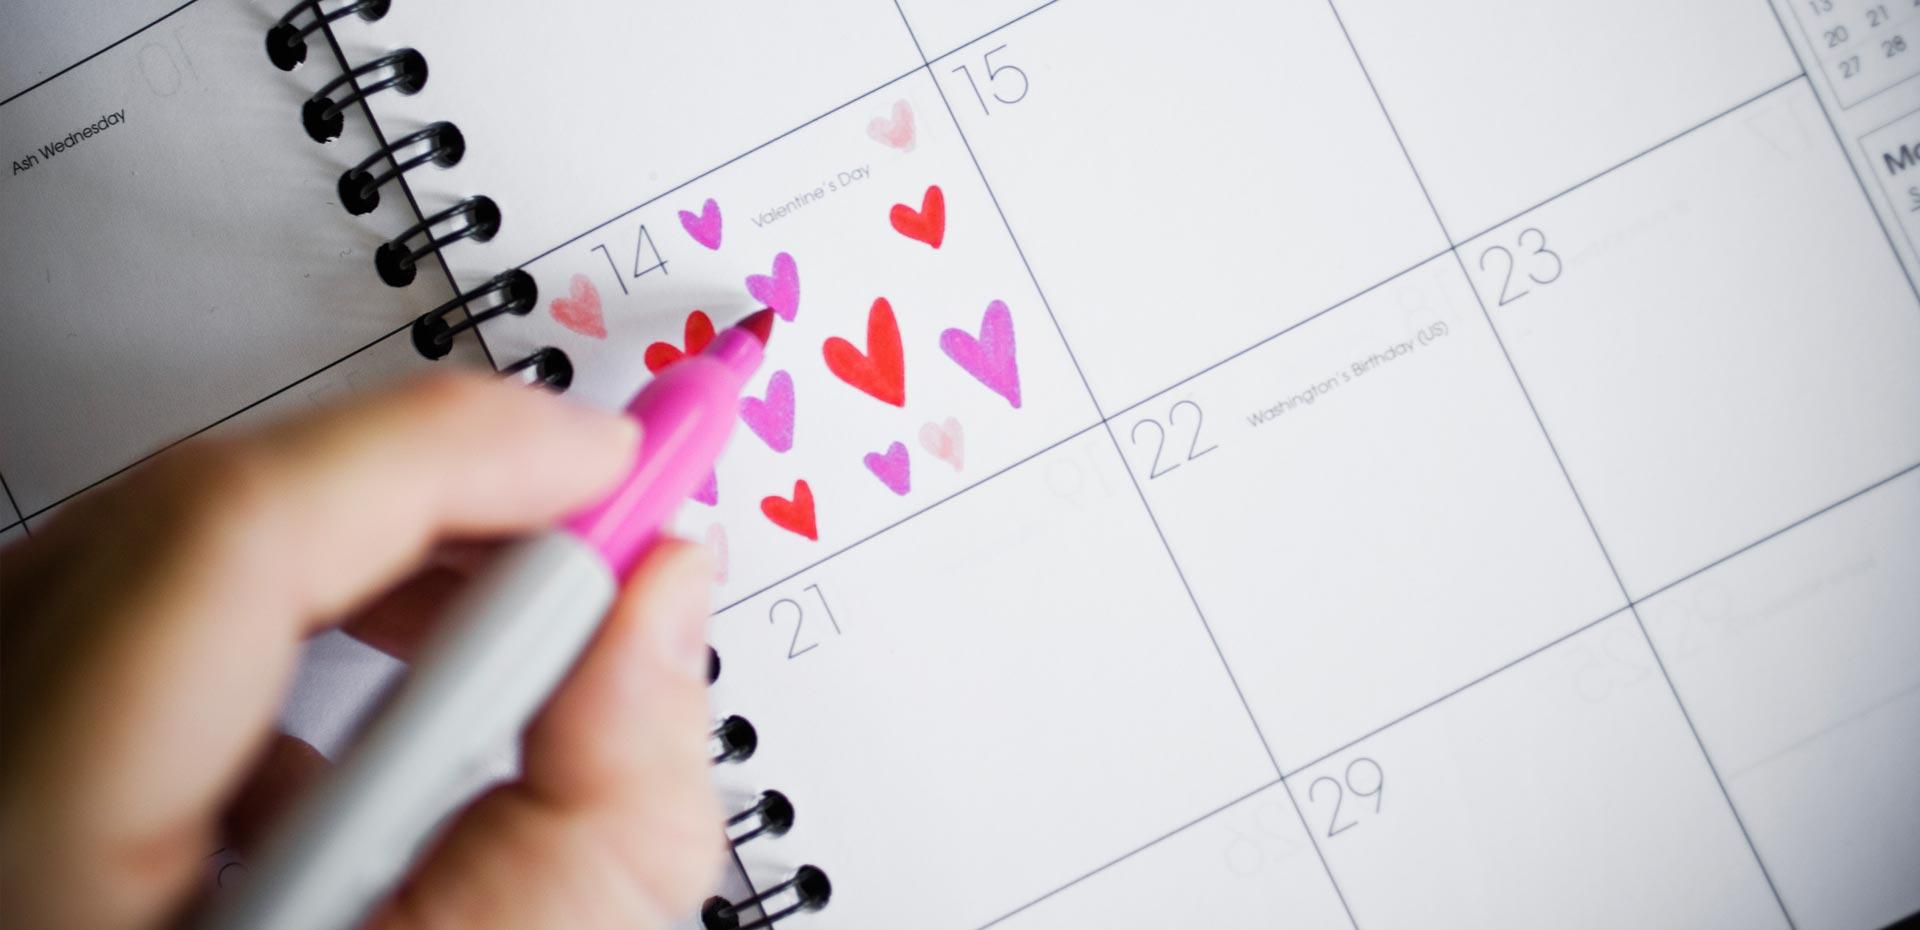 Kalender mit Eintrag von roten und rosa Herzchen